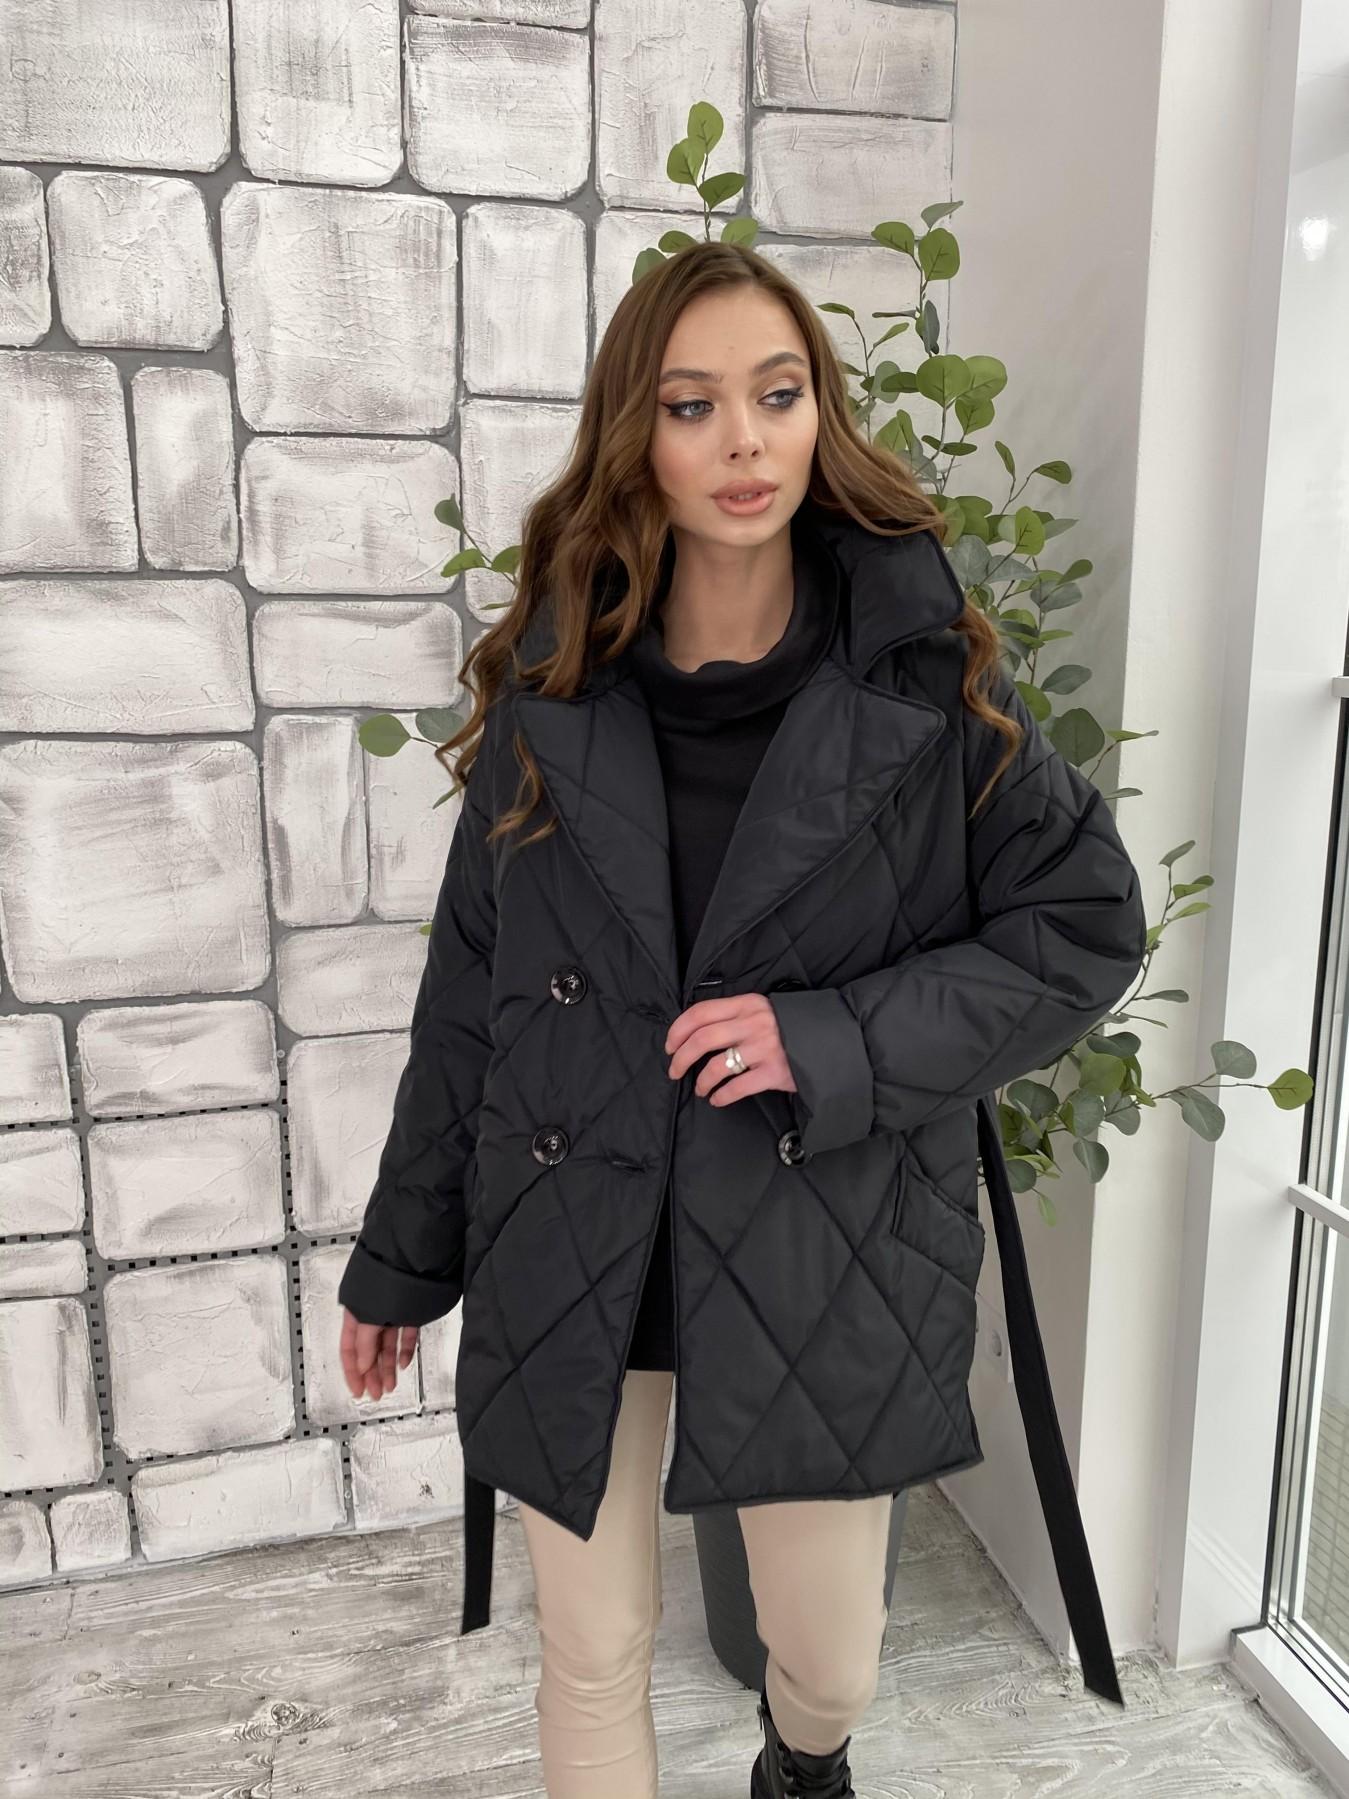 Норд куртка из плащевой ткани стеганая 10883 АРТ. 47354 Цвет: Черный - фото 4, интернет магазин tm-modus.ru